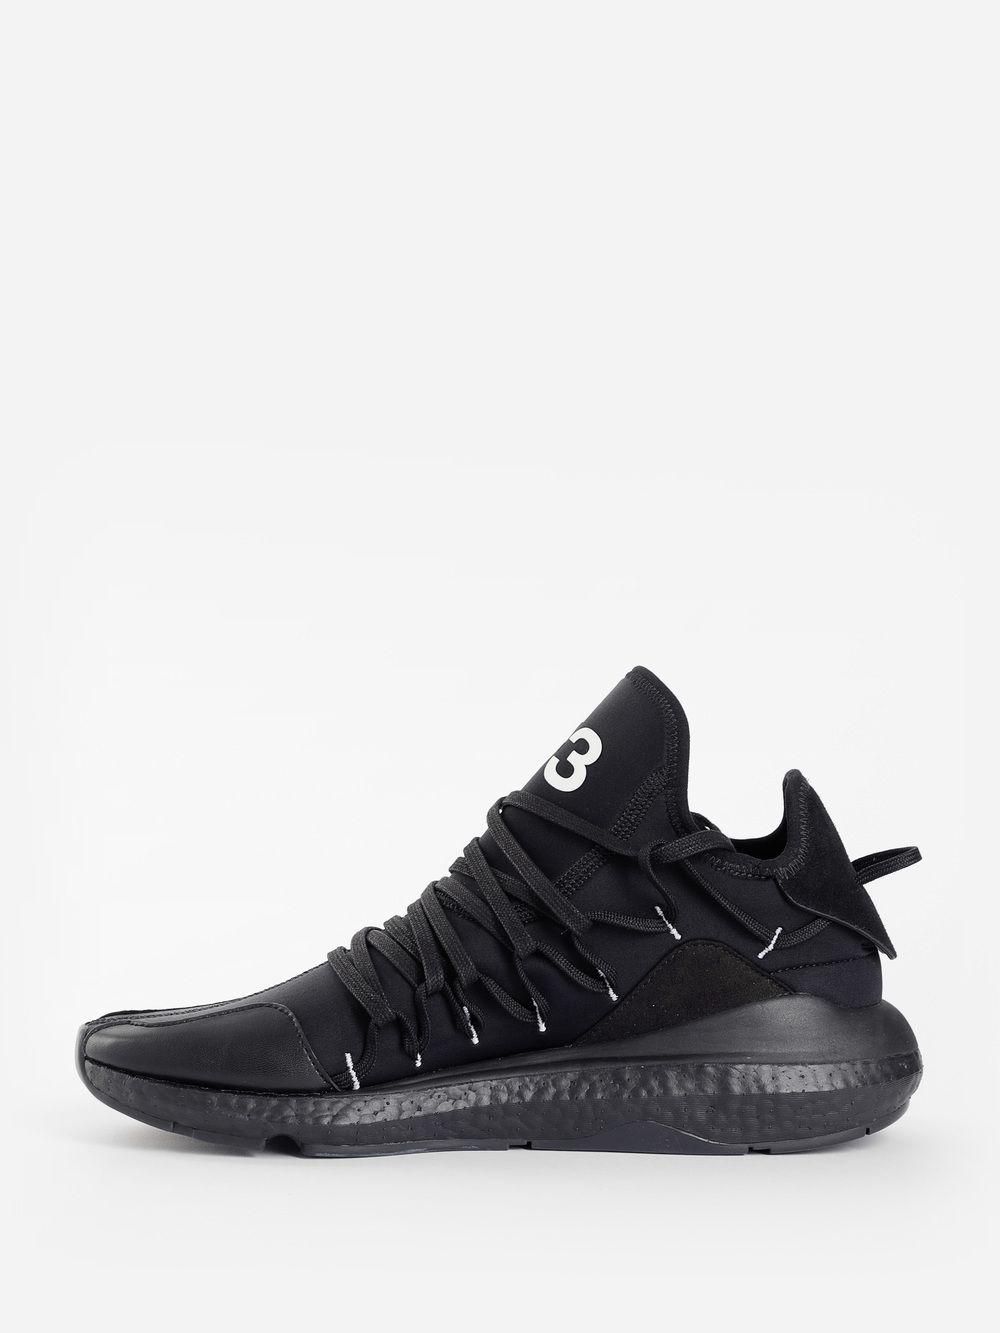 Y 3 Sneakers BC0955 | Sneakers, All black sneakers, Mens